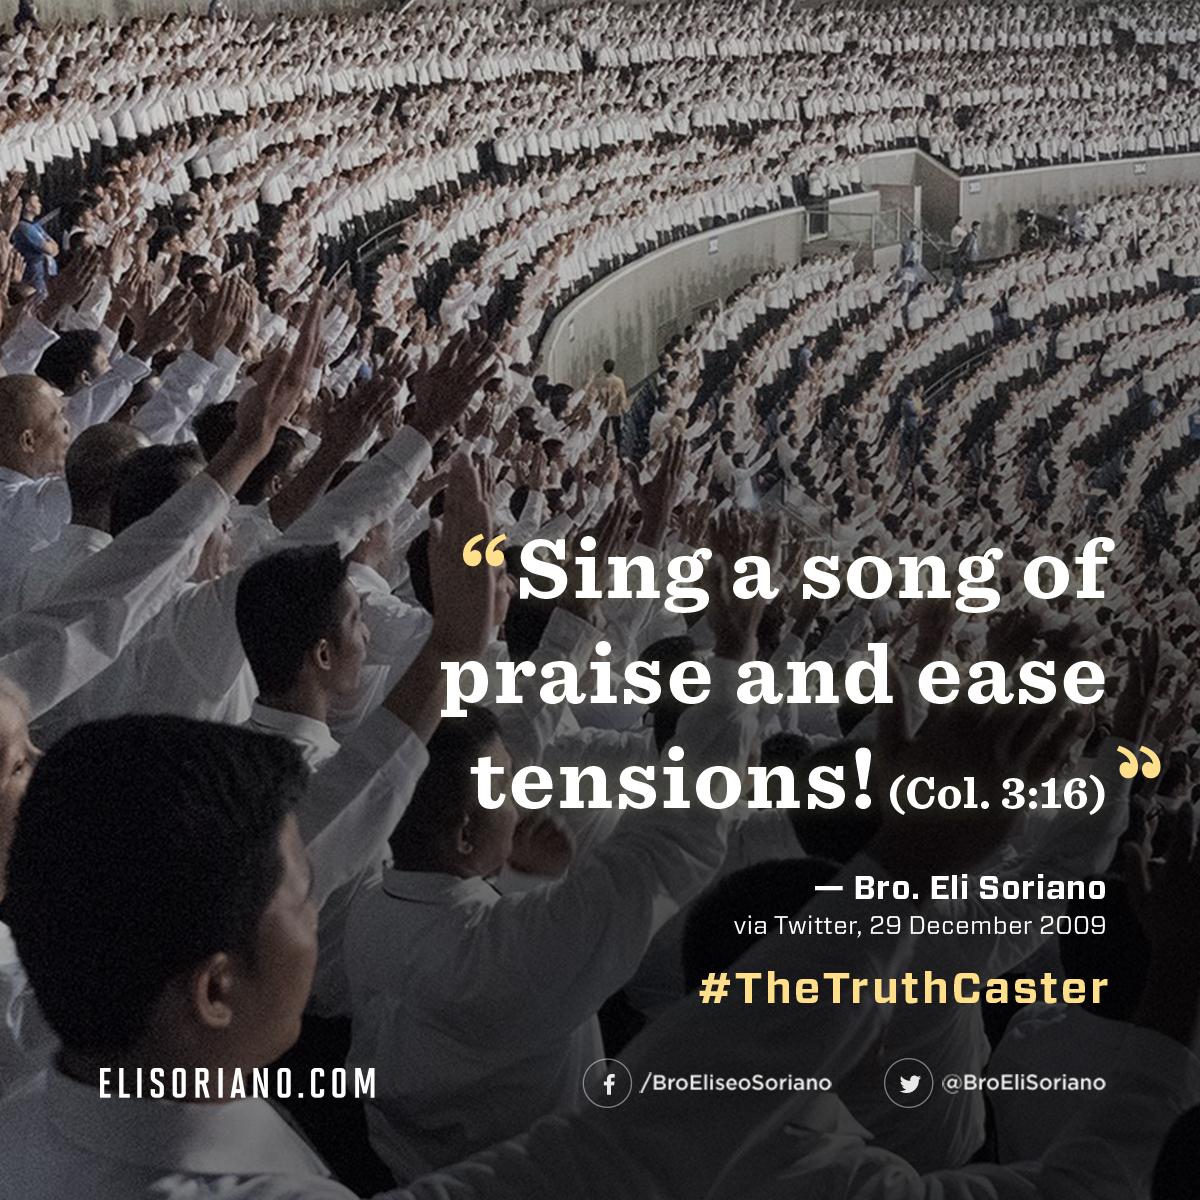 On Singing Praise Songs